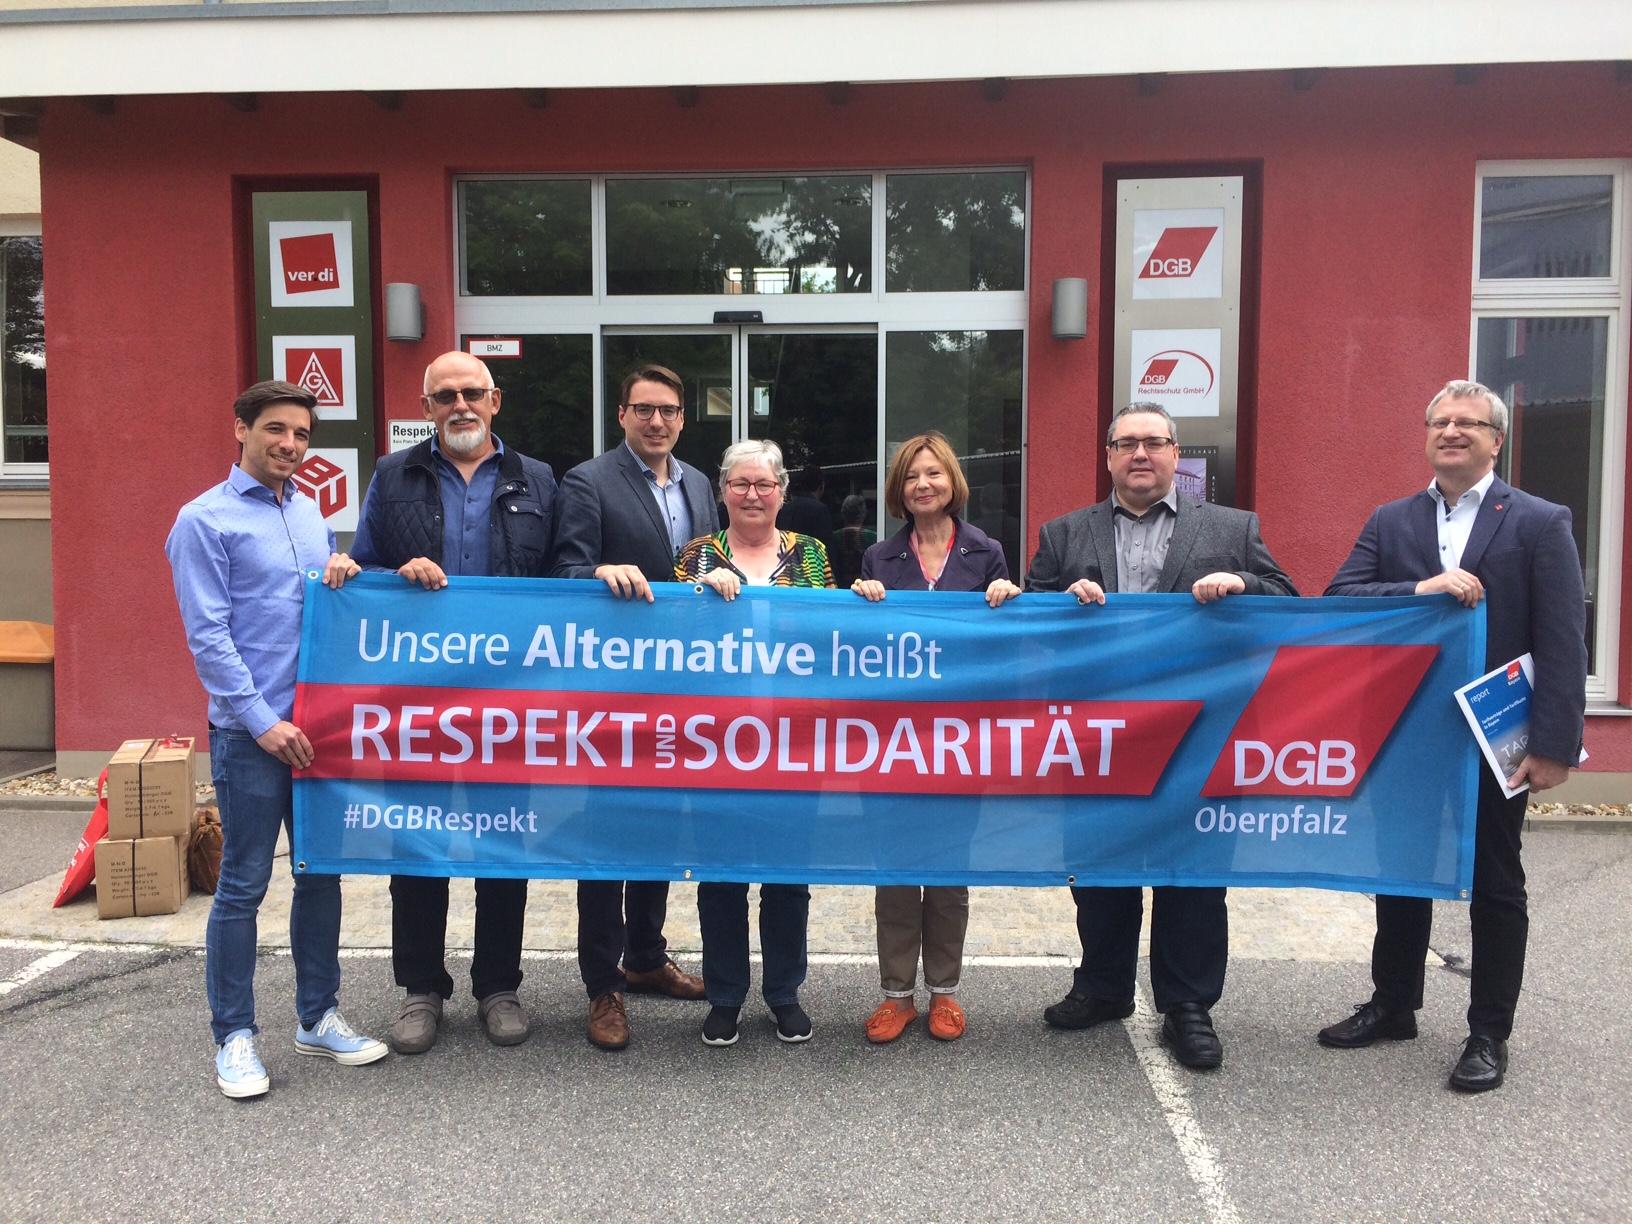 DGB und SPD für mehr Respekt und Solidarität